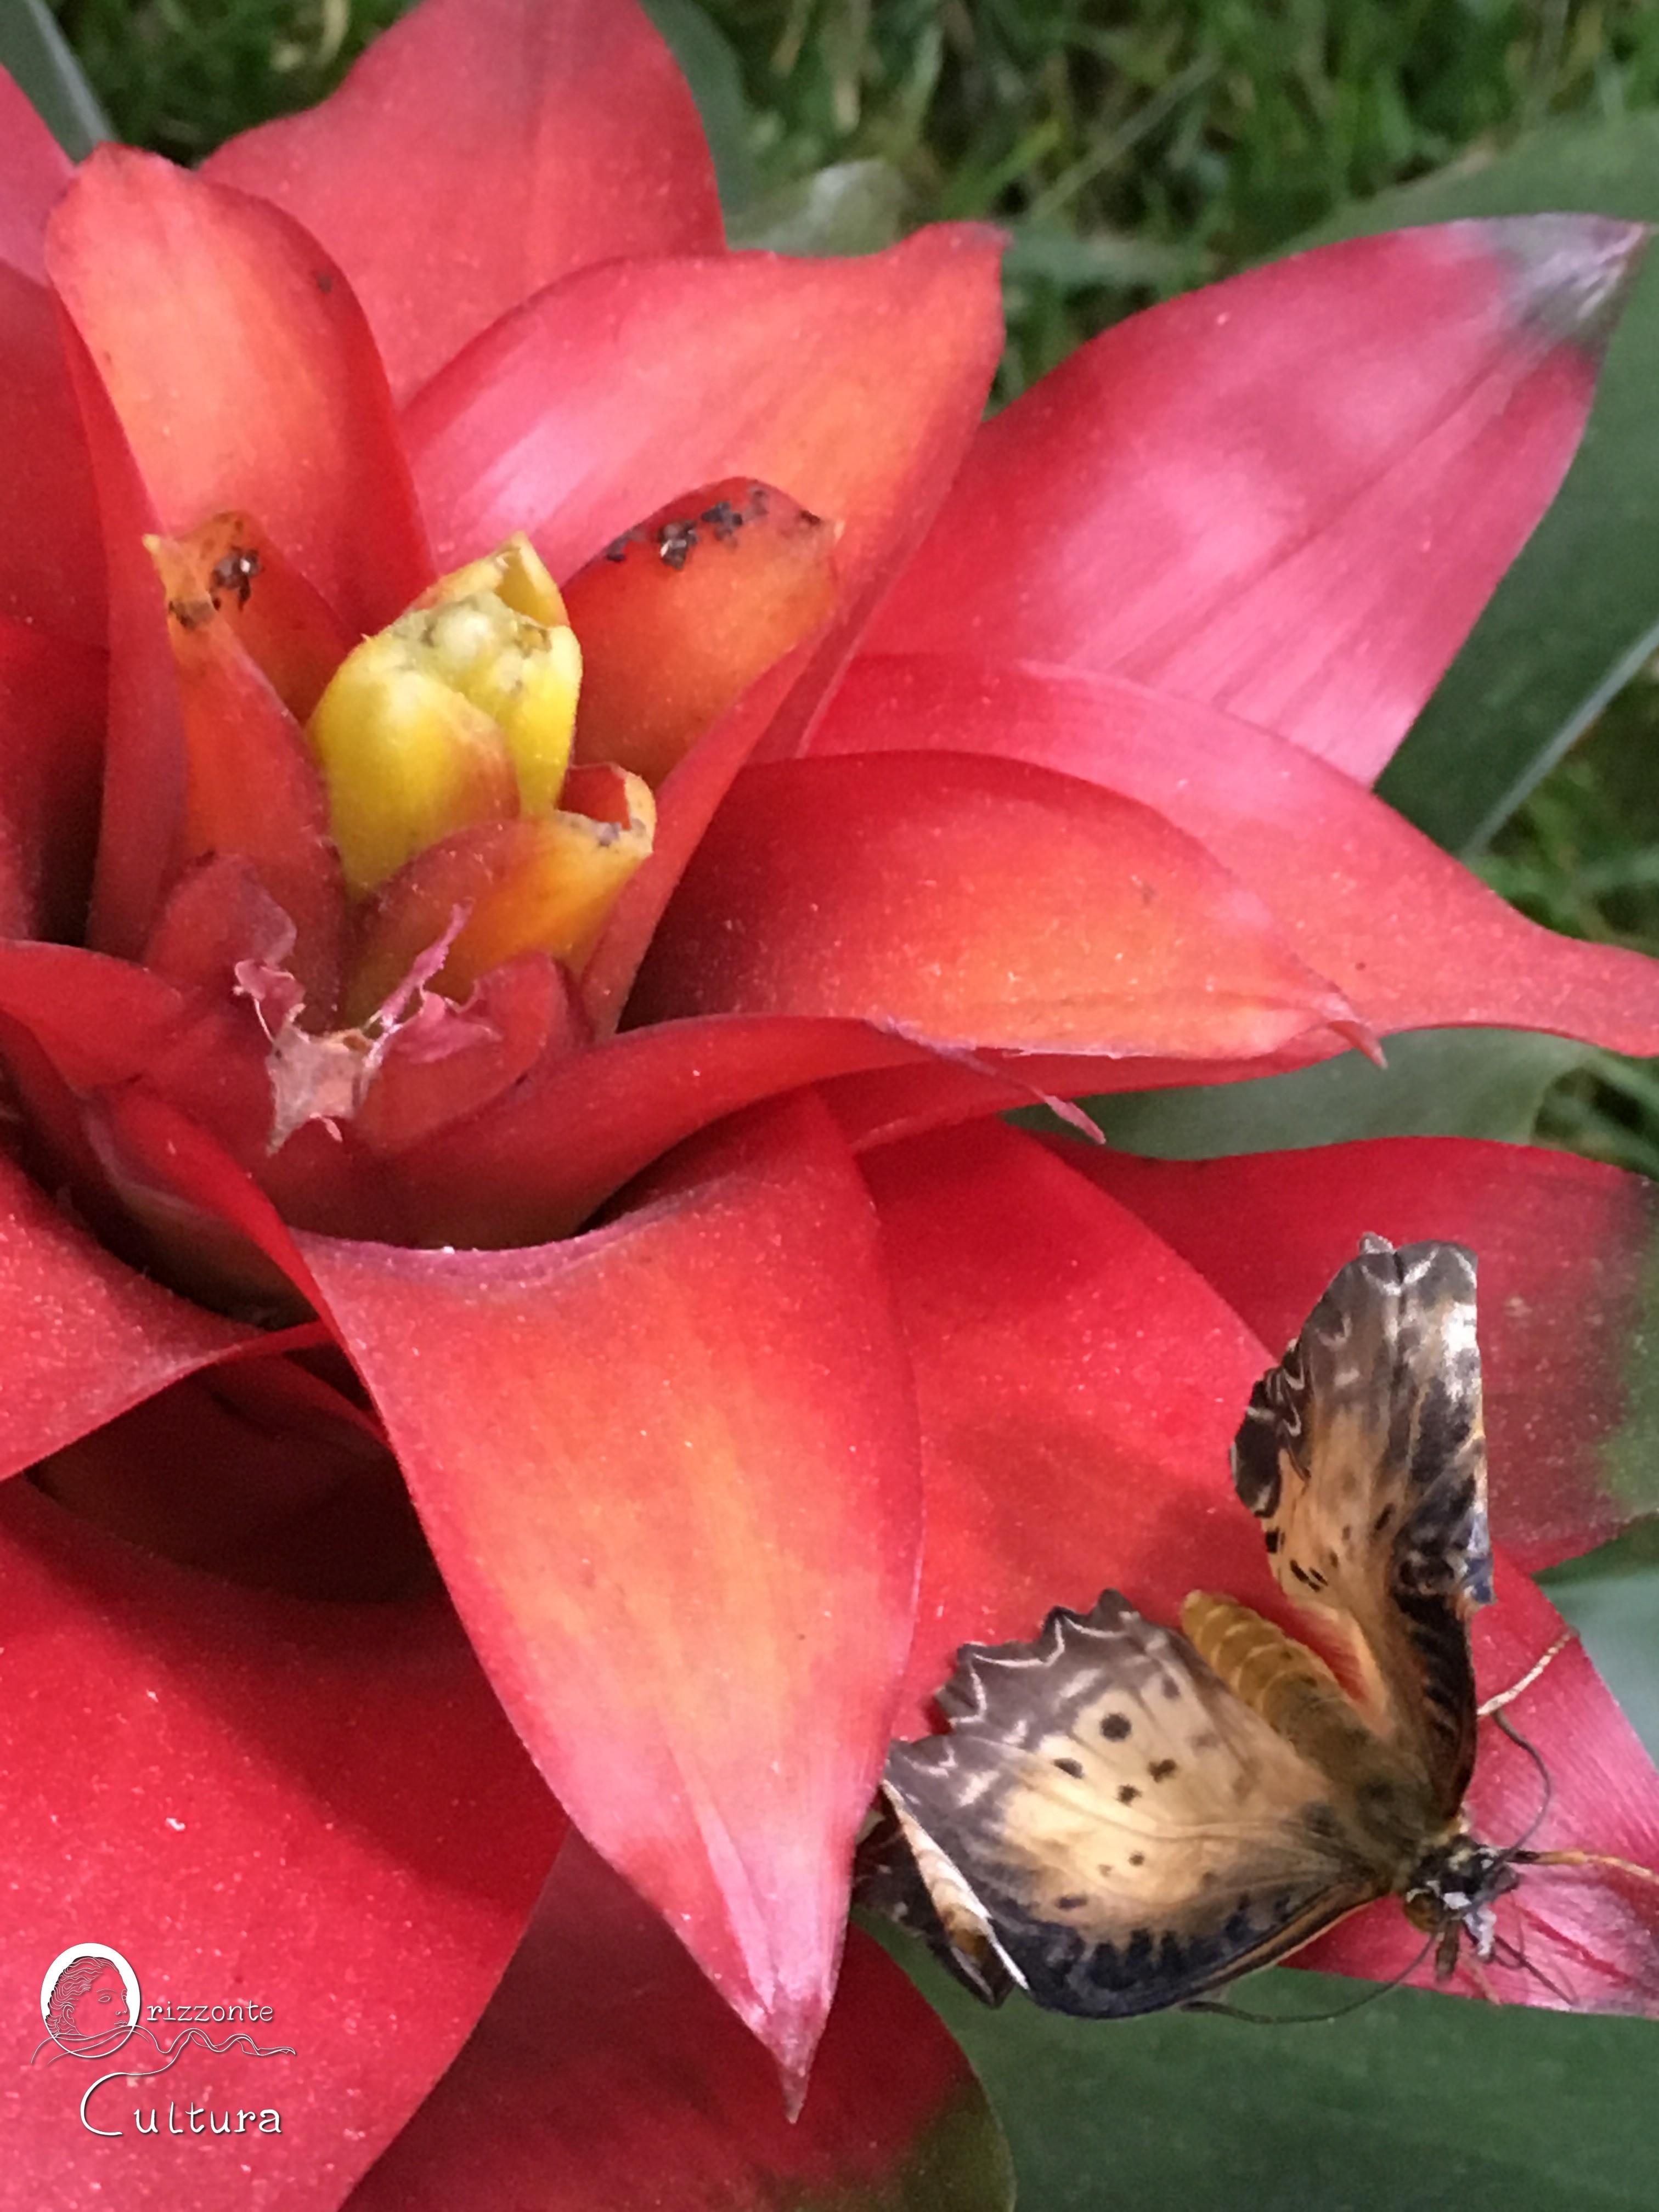 Un tè con le farfalle - Orizzonte Cultura